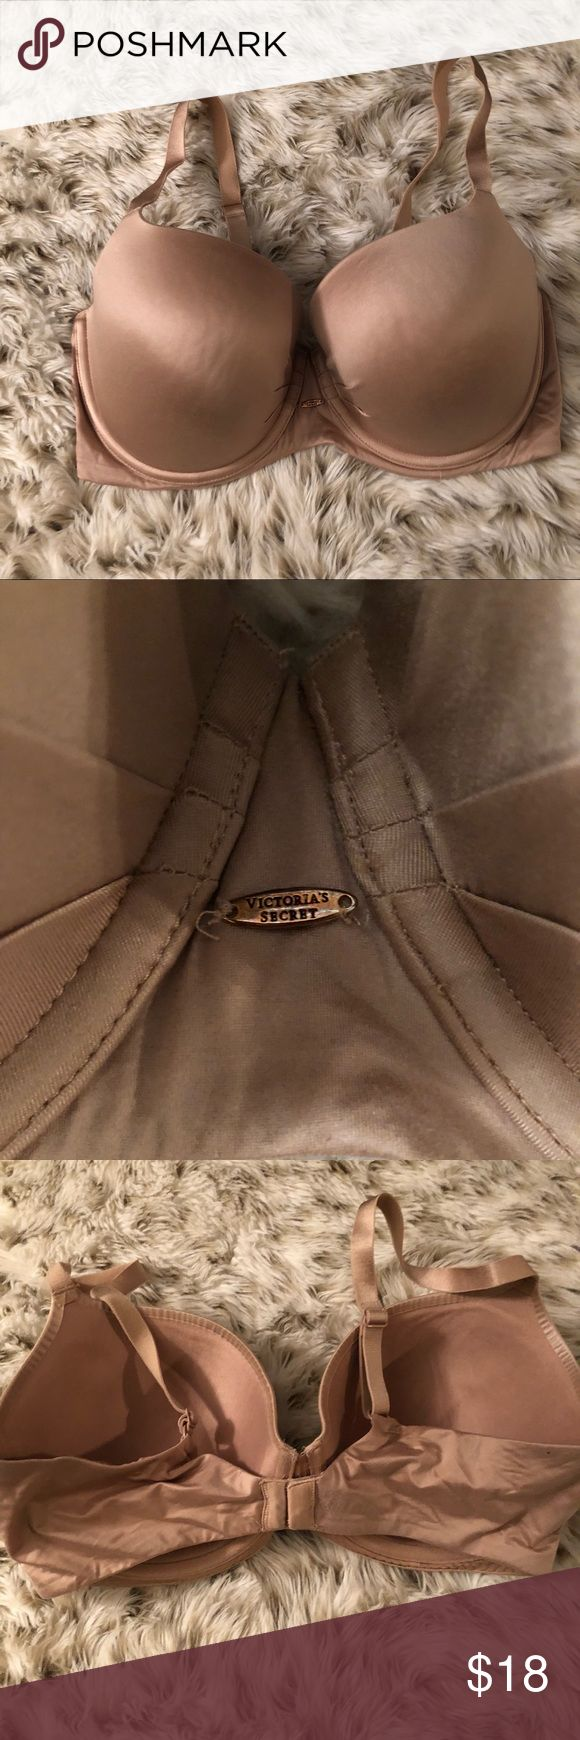 Victoria's Secret nude Lined Demi 36DD Bra Victoria's Secret nude Lined Demi bra. Size 36DD. Excellent used condition! Full coverage. Victoria's Secret Intimates & Sleepwear Bras